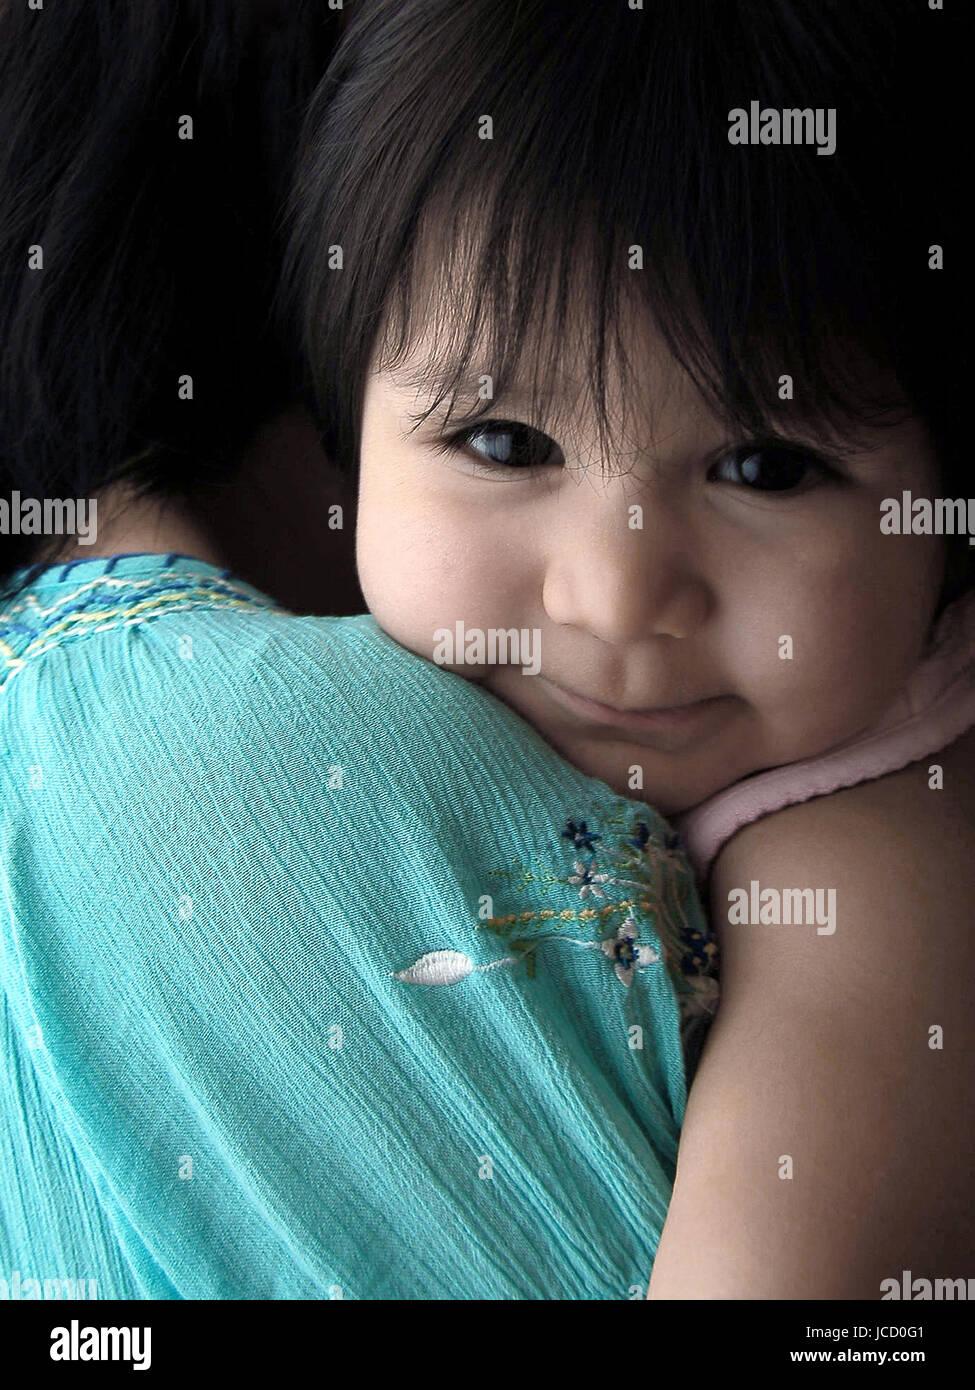 Poco niño hispano mostrando su sonrisa mientras mantiene su madre Imagen De Stock